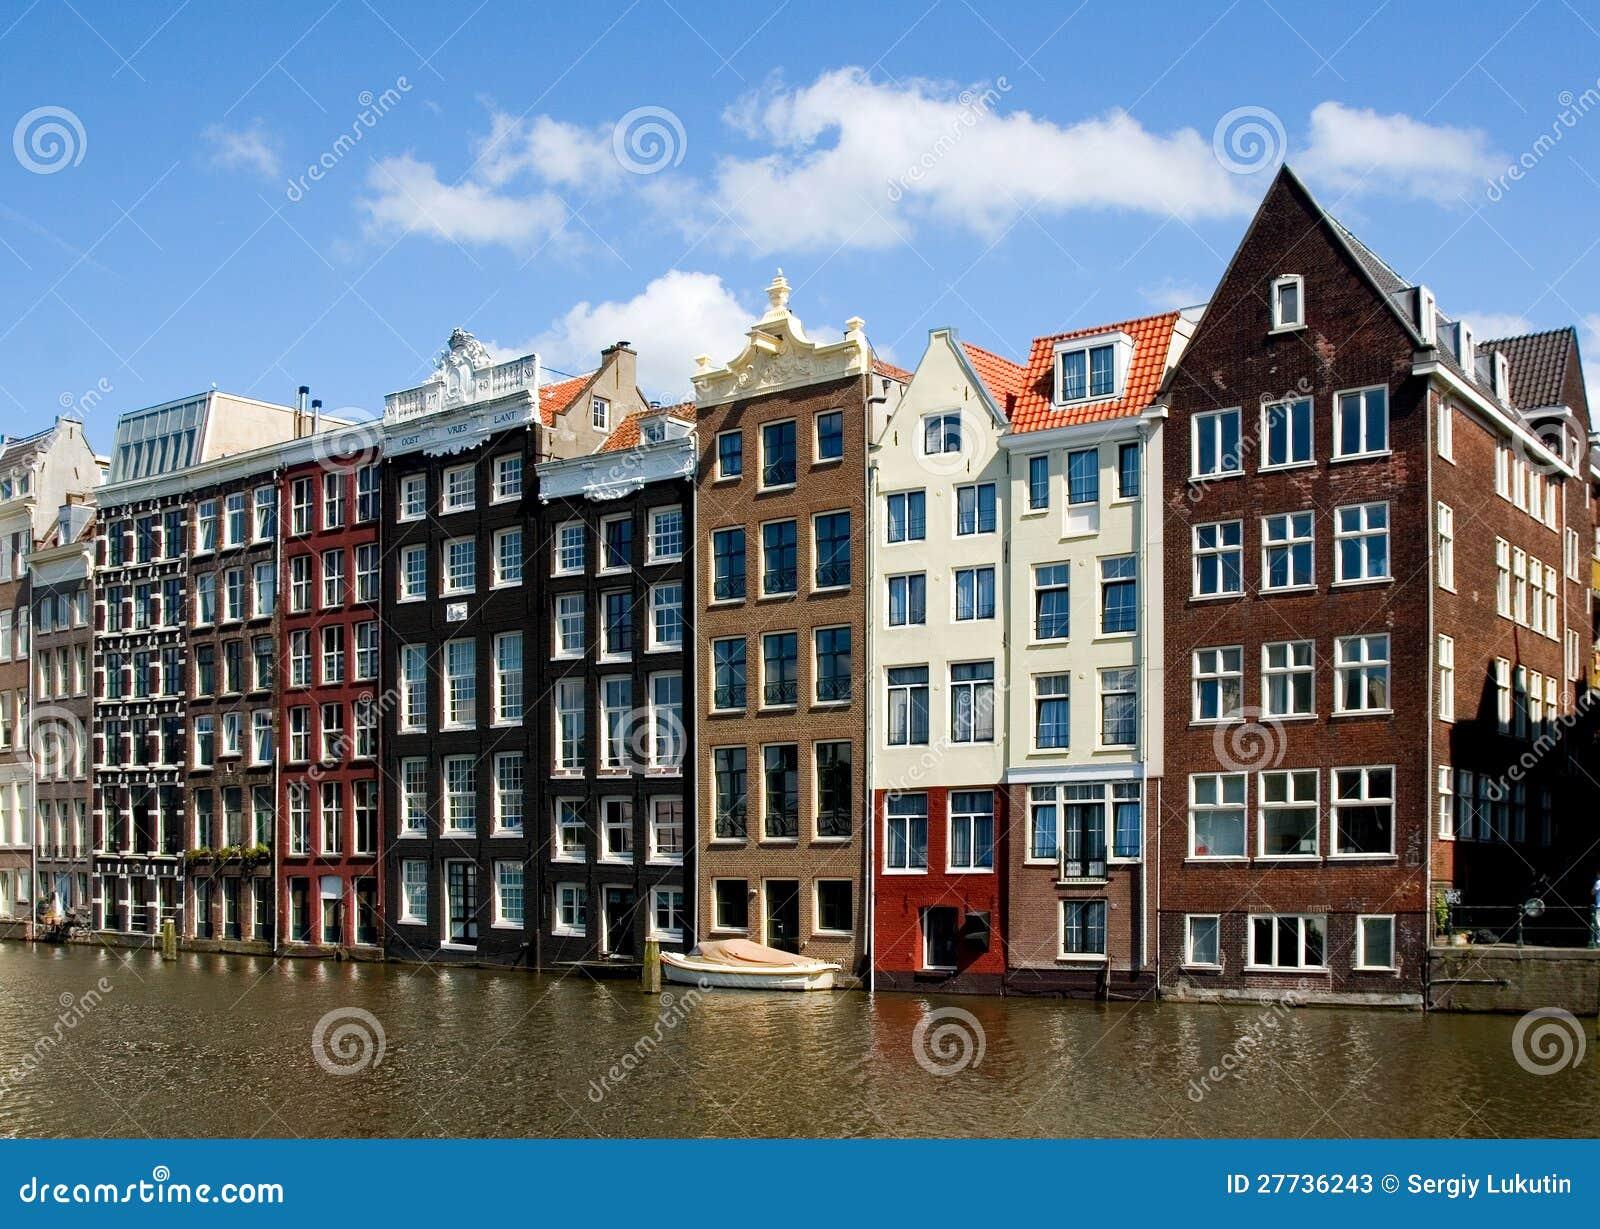 Facciata delle case a amsterdam fotografie stock for Fotografie case